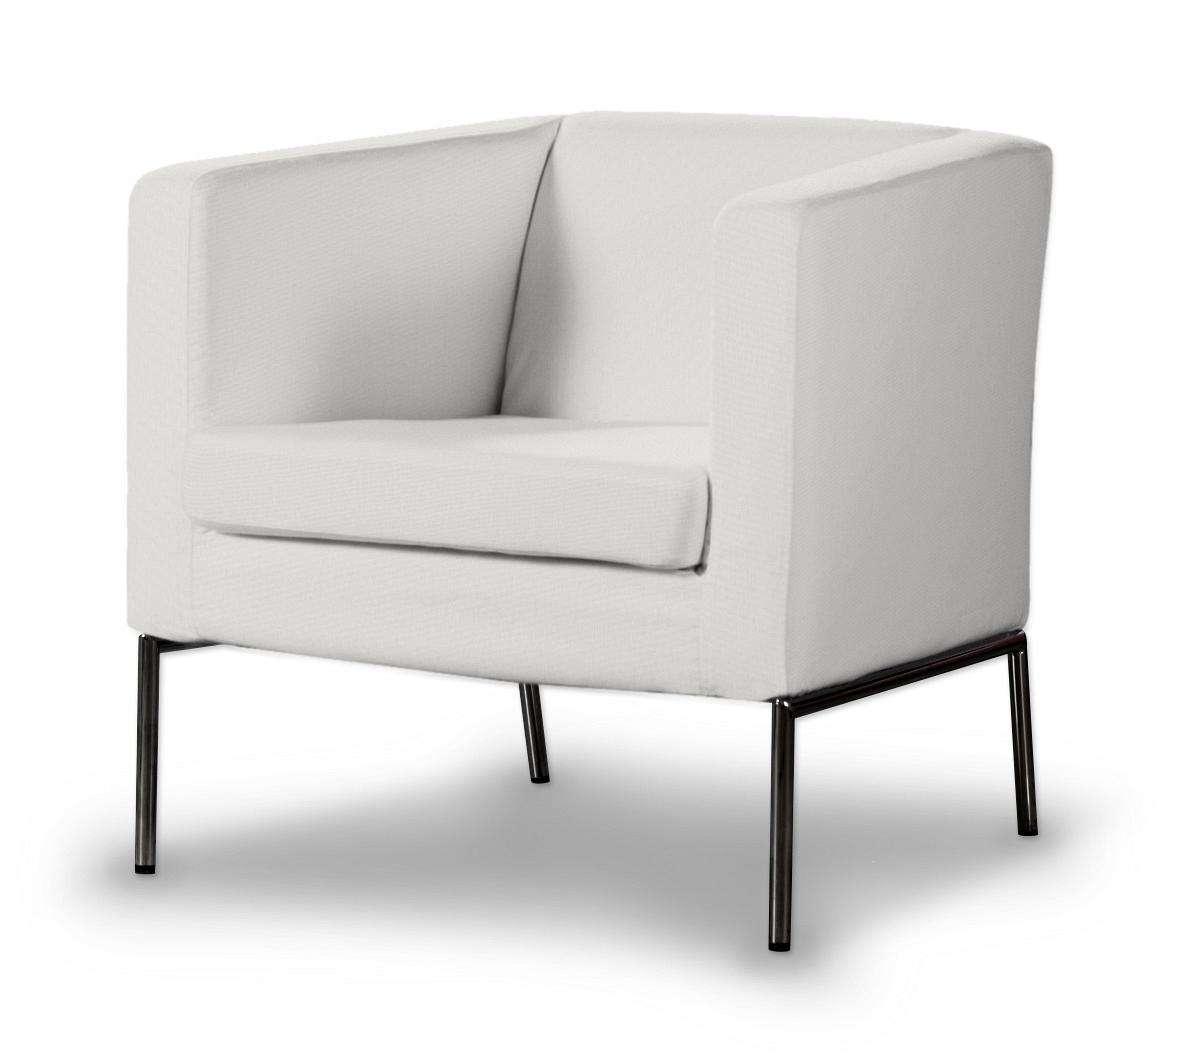 Pokrowiec na fotel Klappsta Fotel Klappsta w kolekcji Etna , tkanina: 705-01